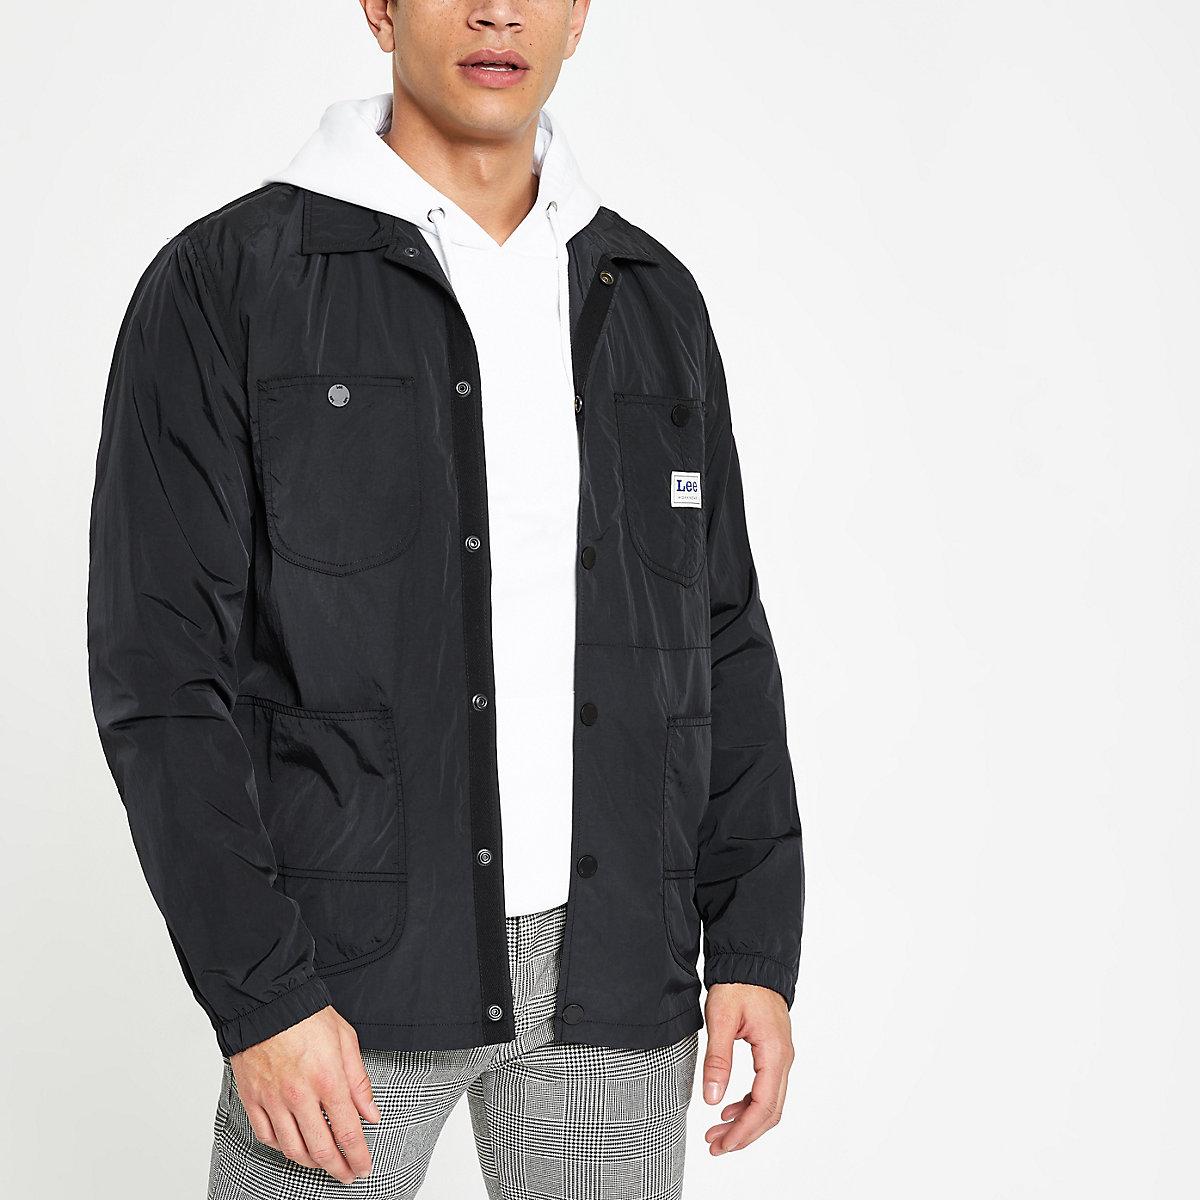 Lee black loco jacket